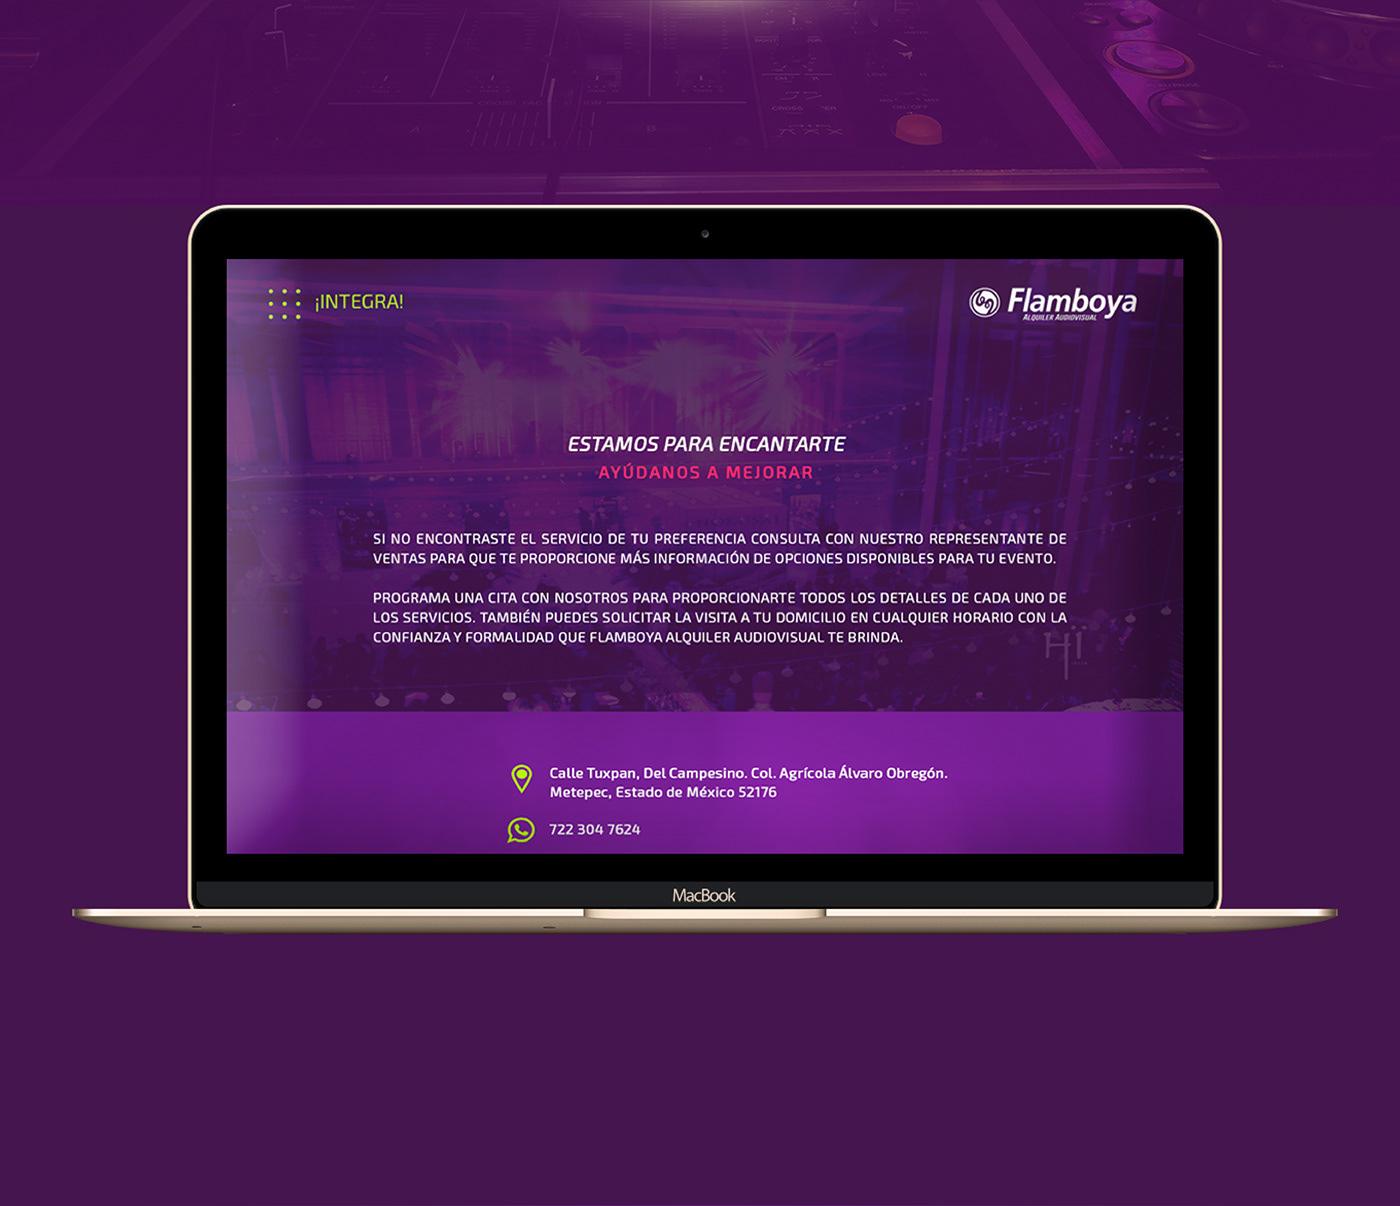 Image may contain: screenshot, monitor and computer